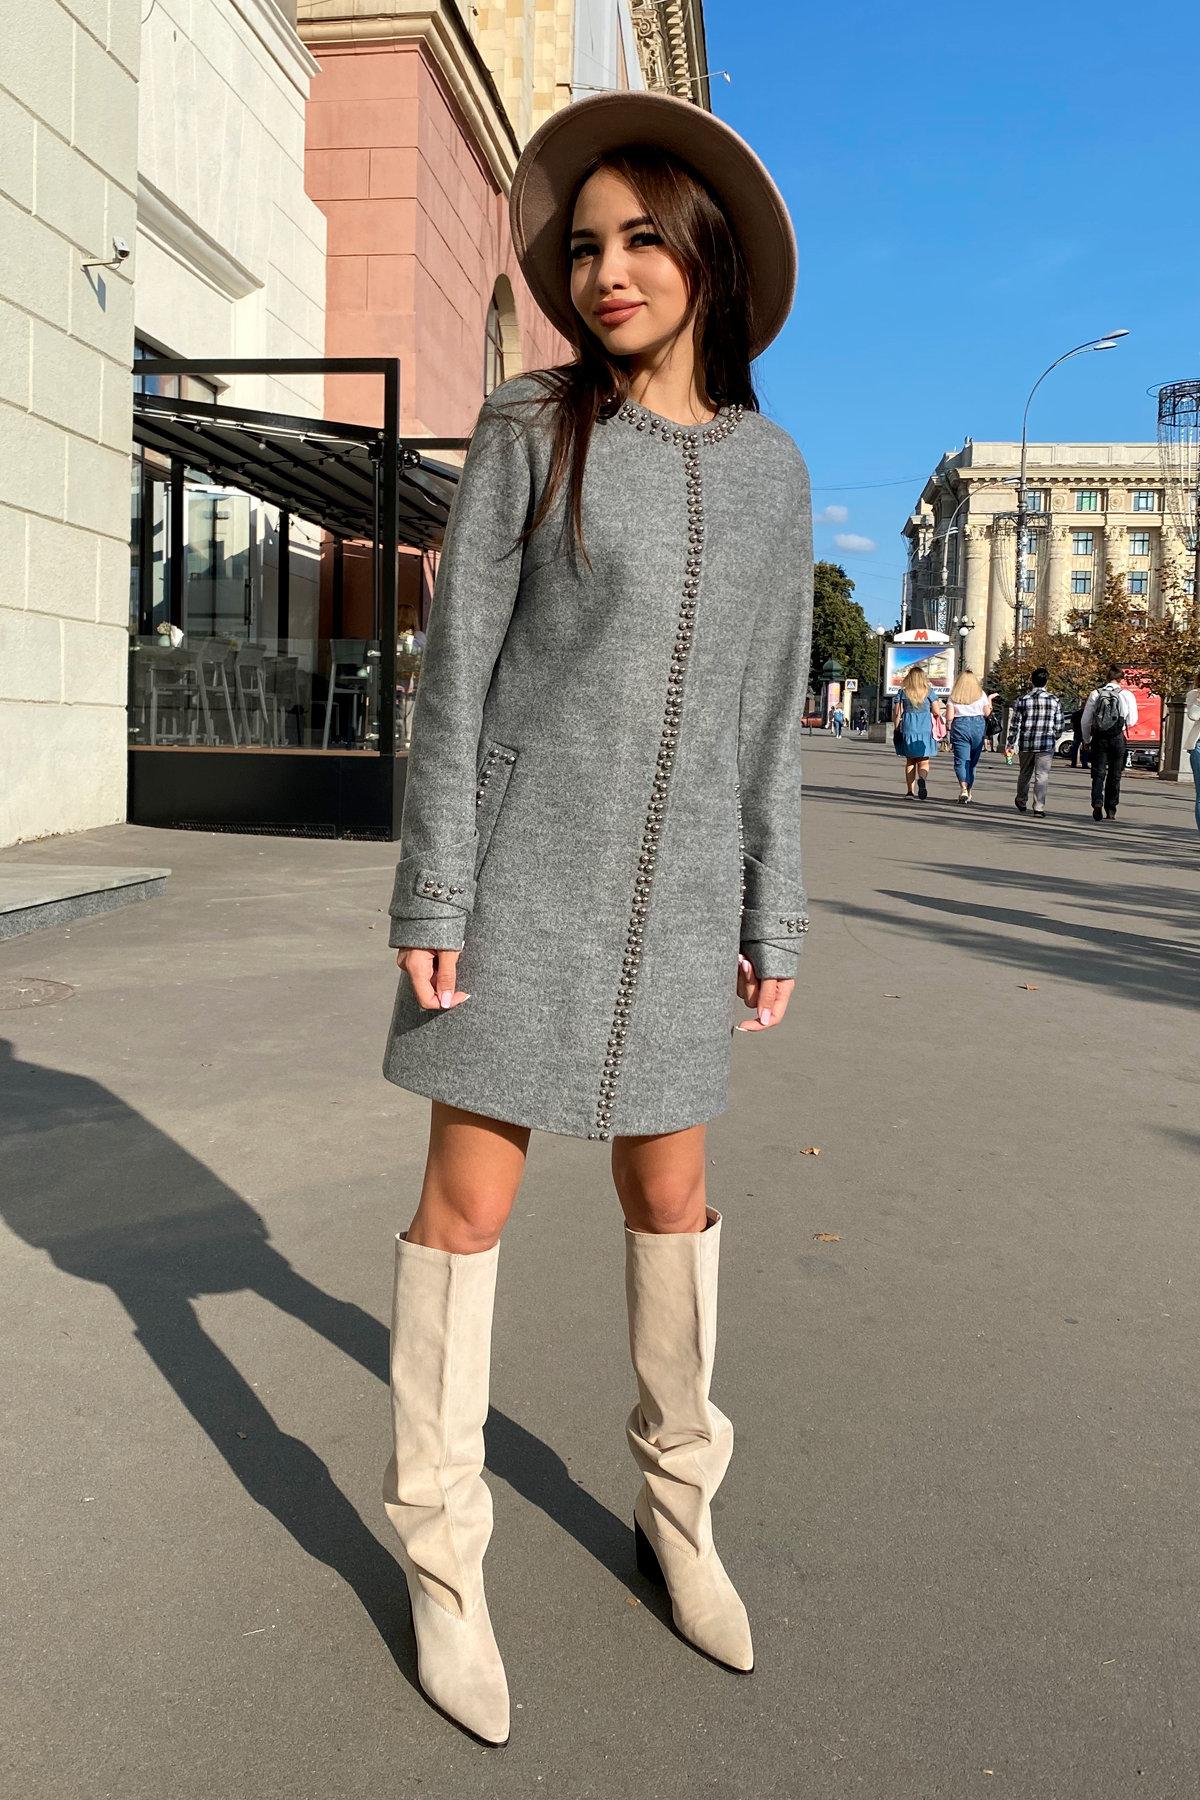 Пальто Анси 4544 АРТ. 21596 Цвет: Серый 18 - фото 1, интернет магазин tm-modus.ru